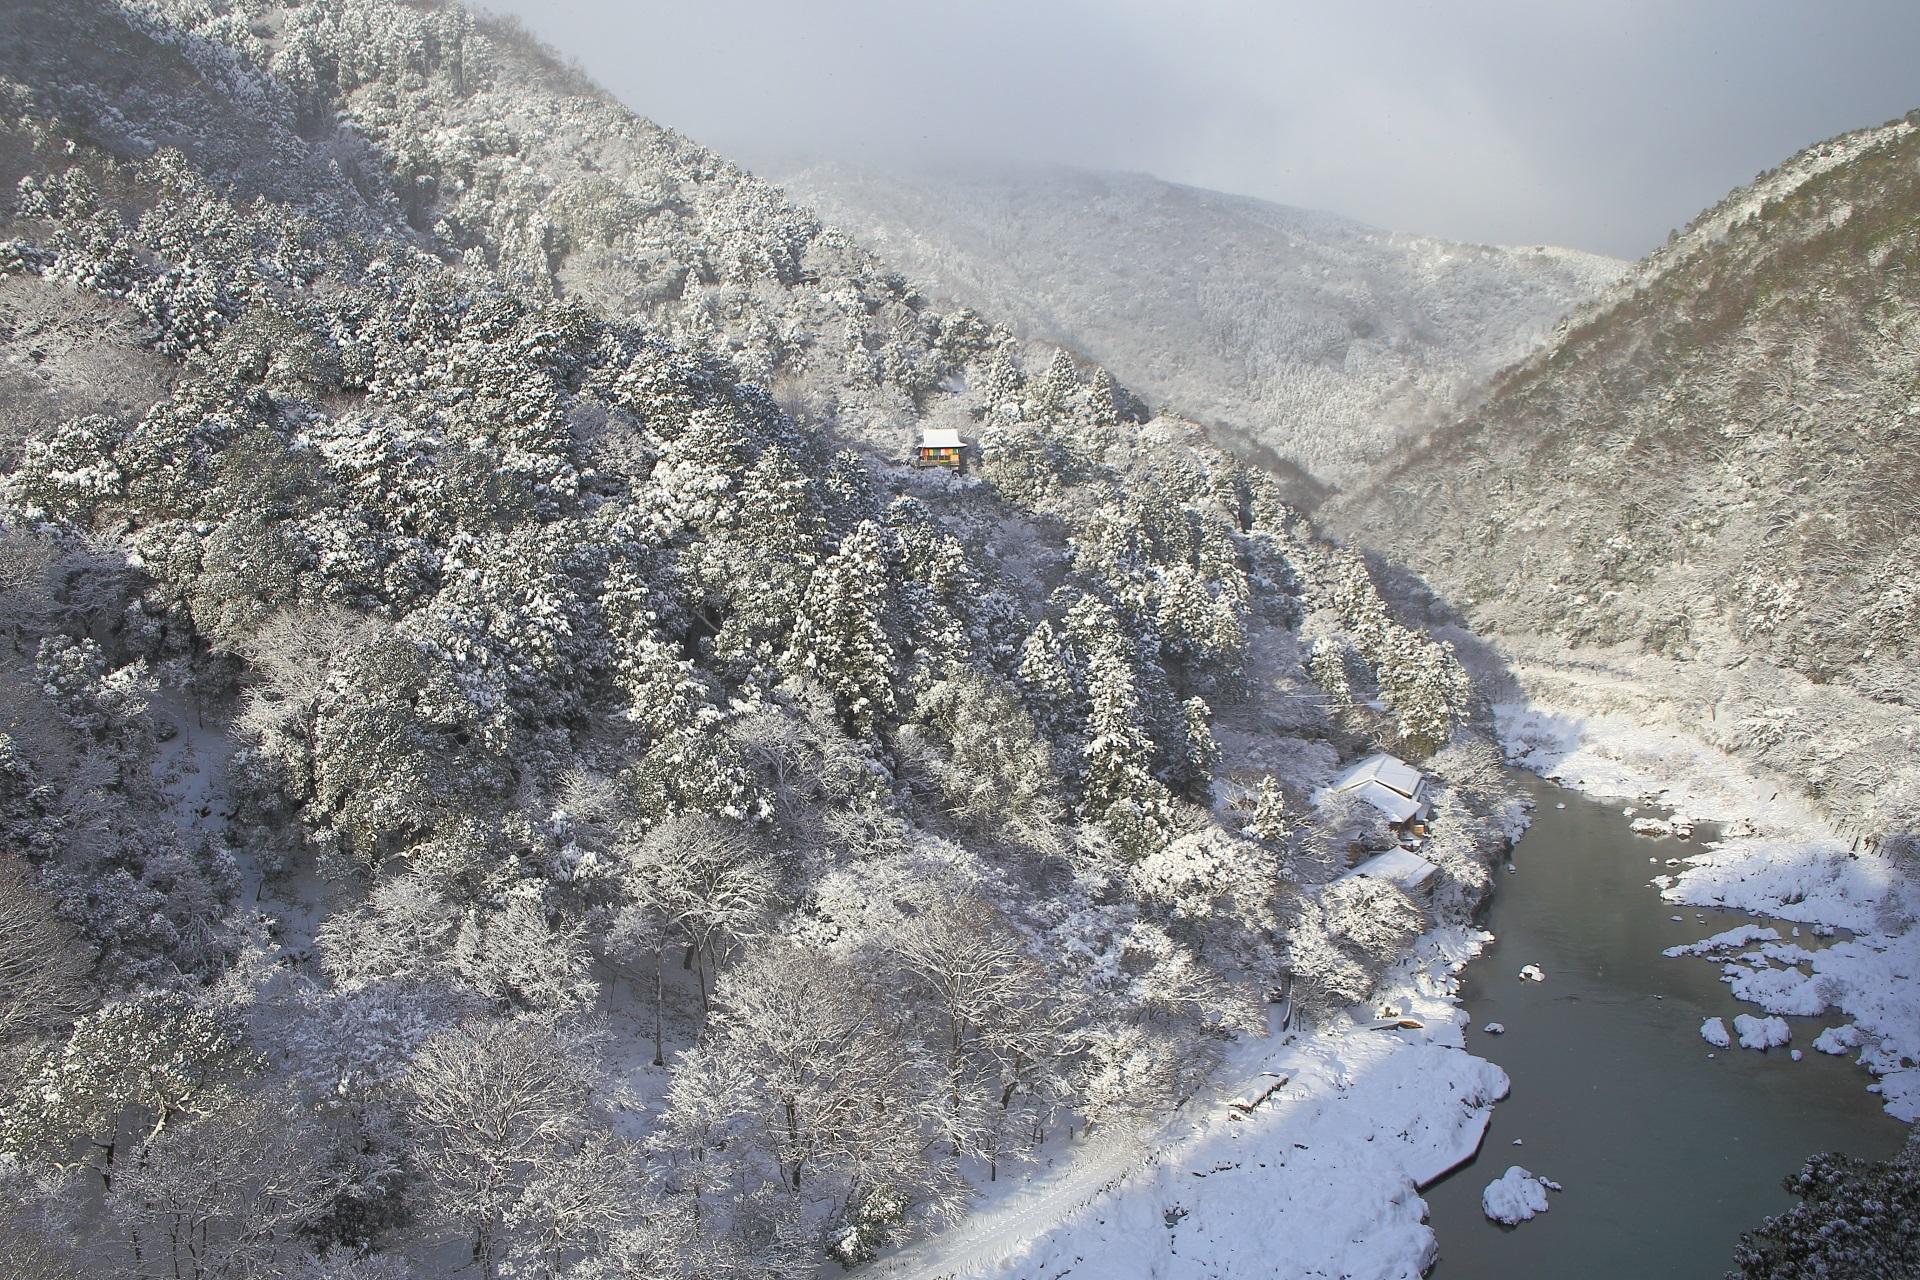 雪の嵐山と保津峡の絶景